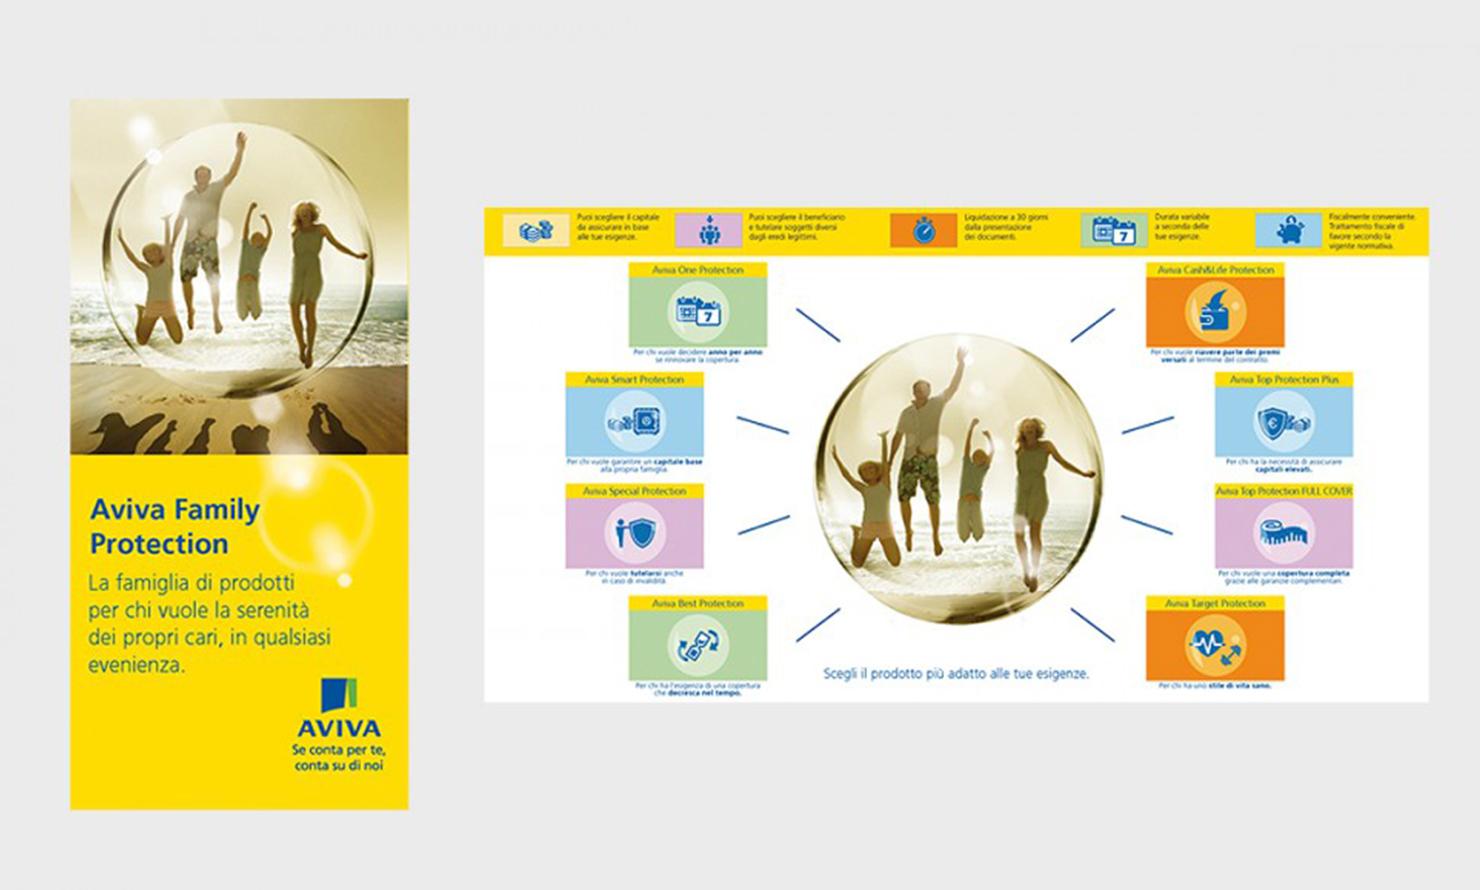 https://www.kubelibre.com/uploads/Slider-work-tutti-clienti/aviva-family-protection-2.jpg